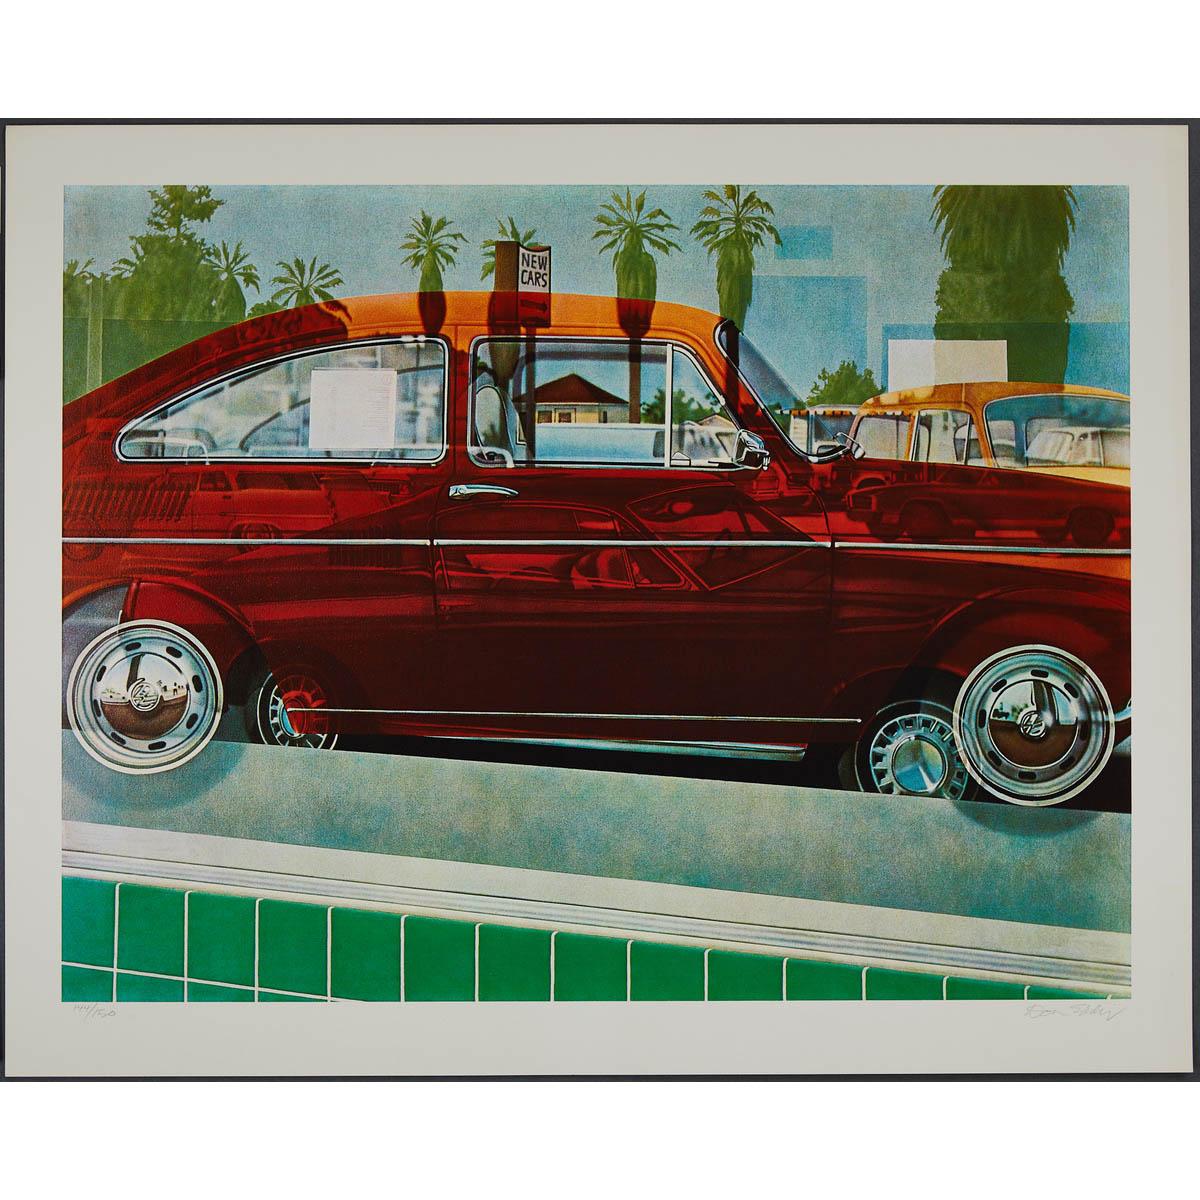 EDDY, DON 1944 Long Beach/Kalifornien - Santa Barbara tätig